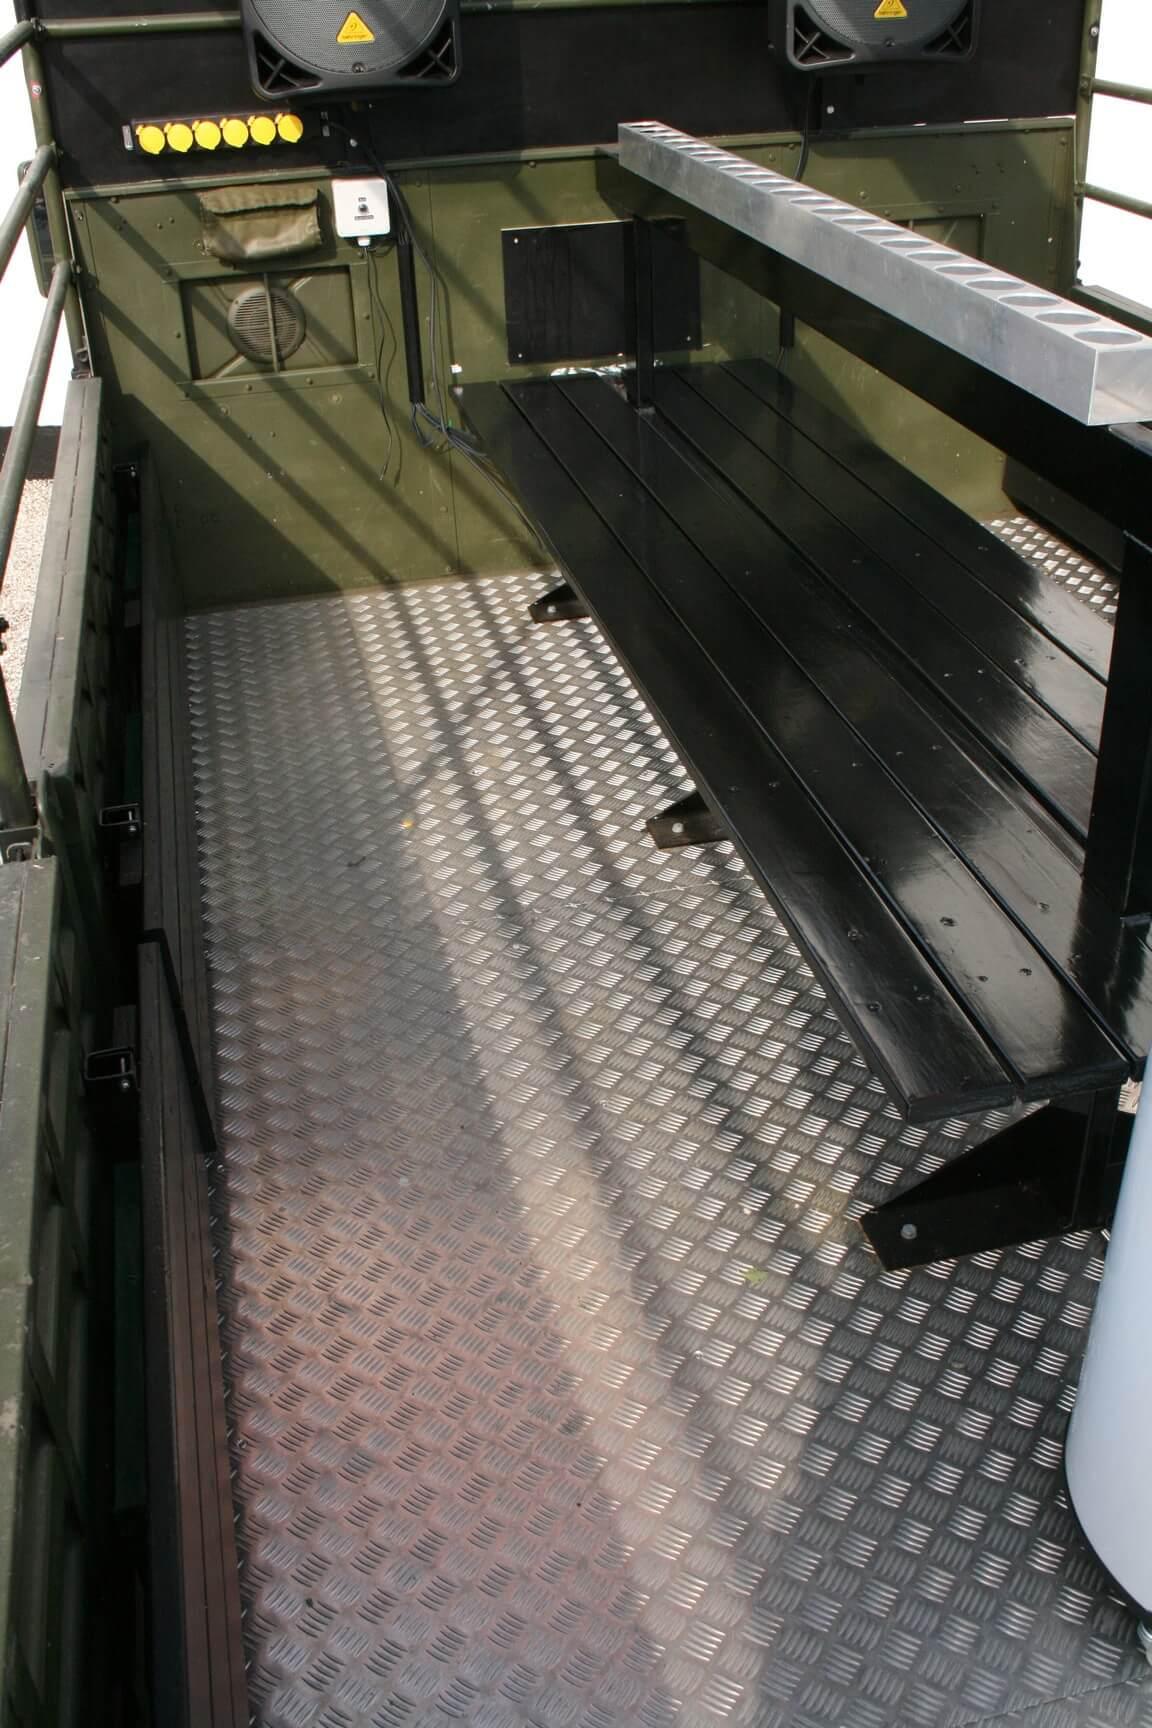 blankt gulv på ladet af studentervogn